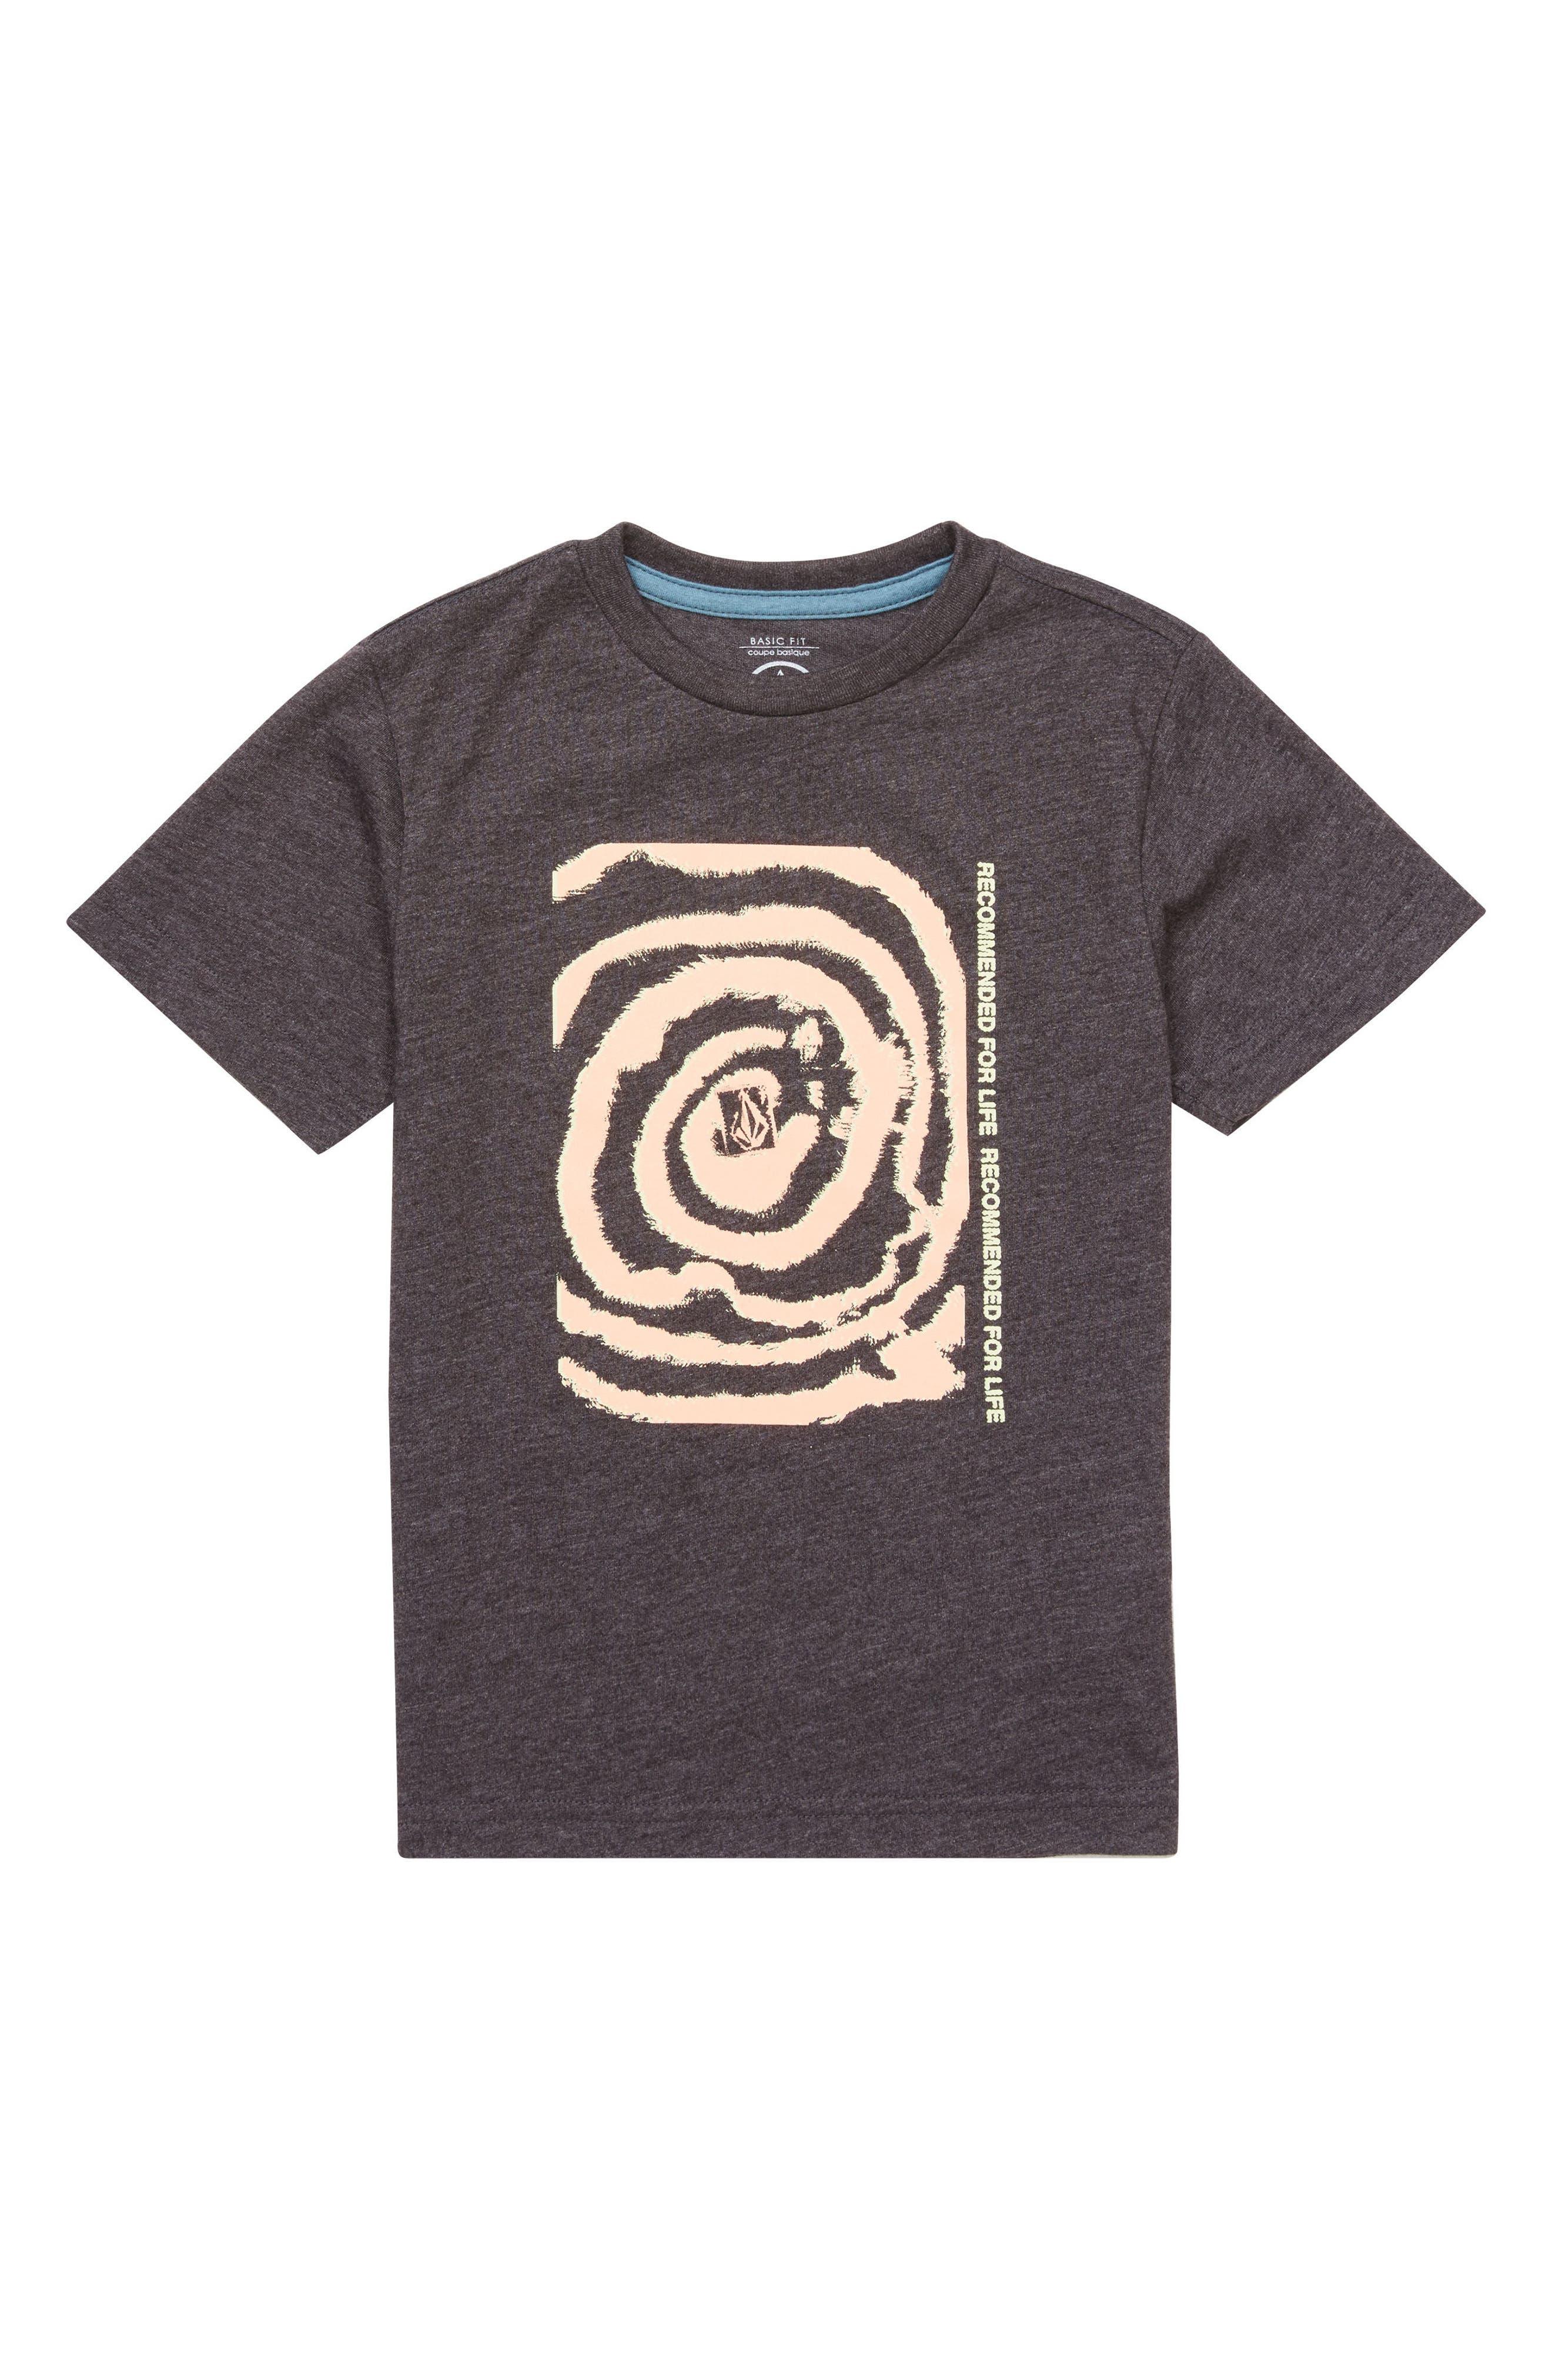 Maag Graphic T-Shirt,                             Main thumbnail 1, color,